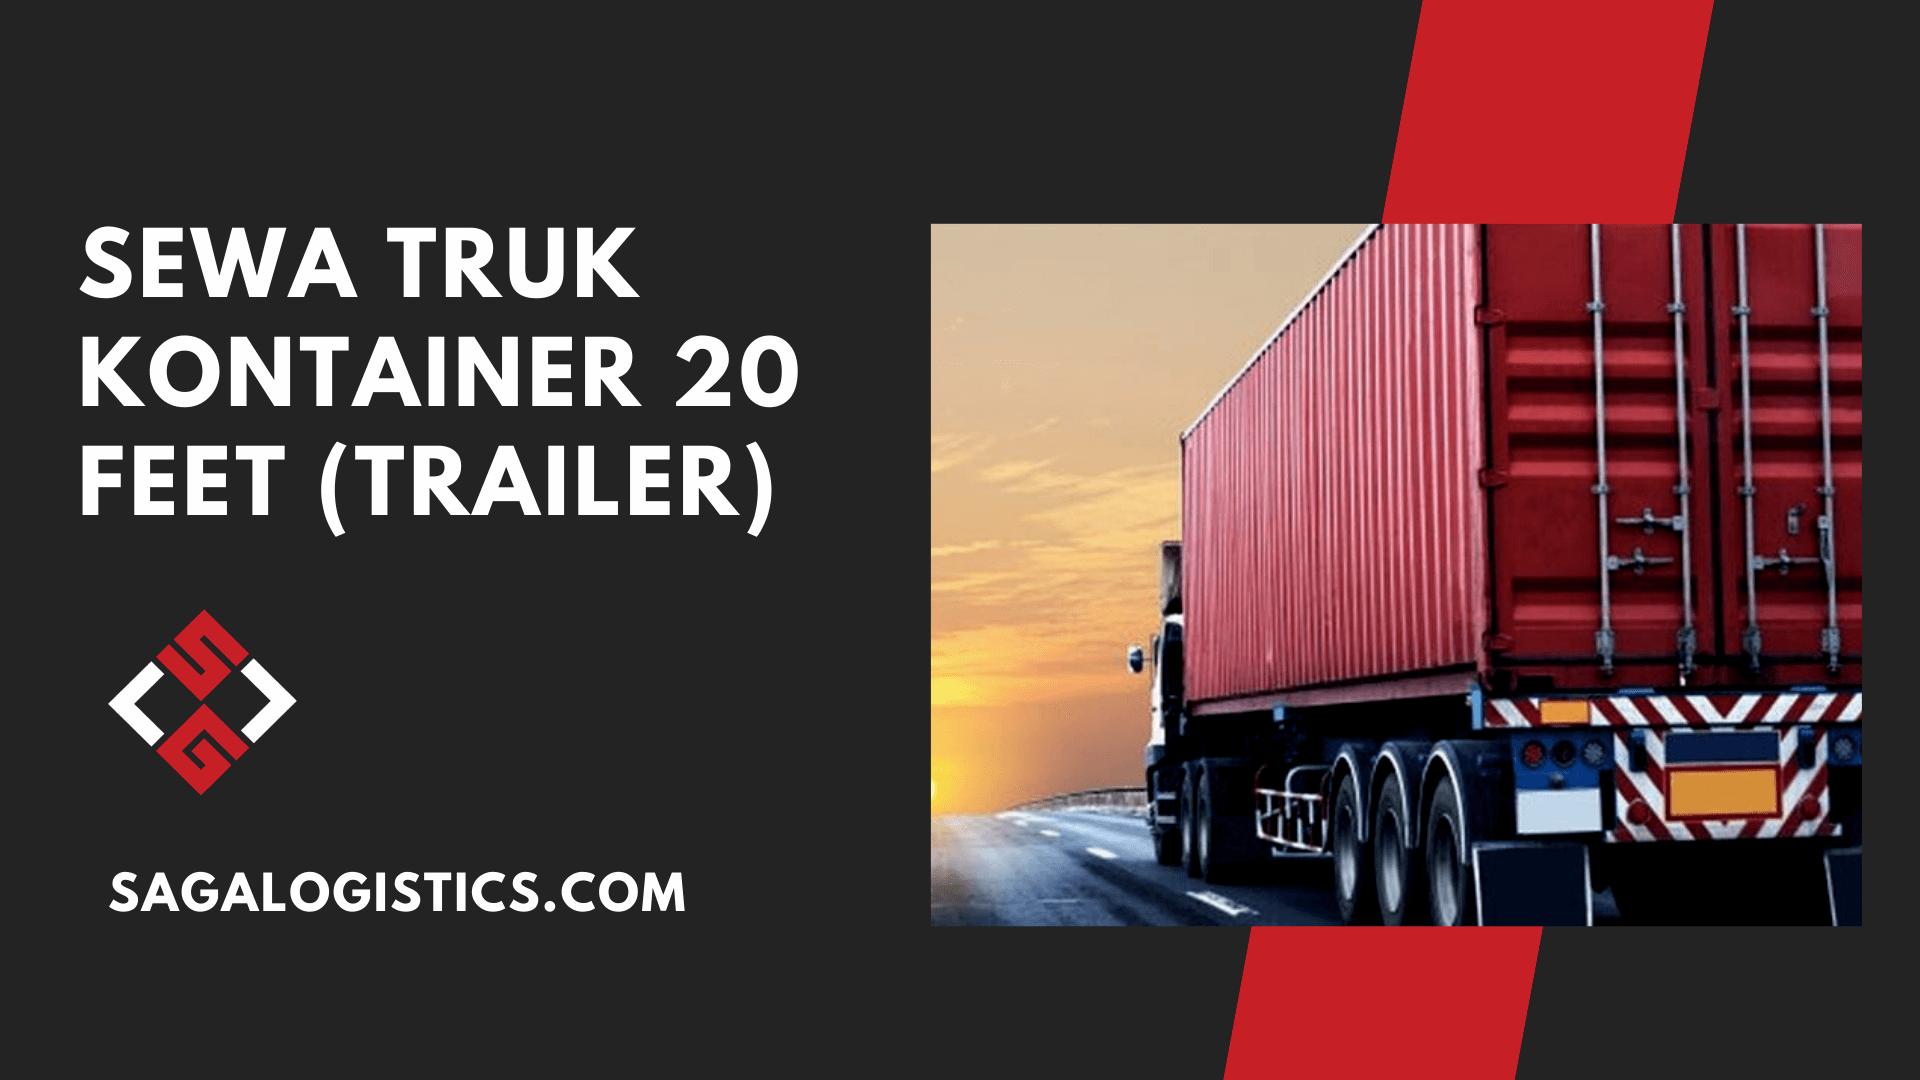 sewa truk kontainer 20 feet